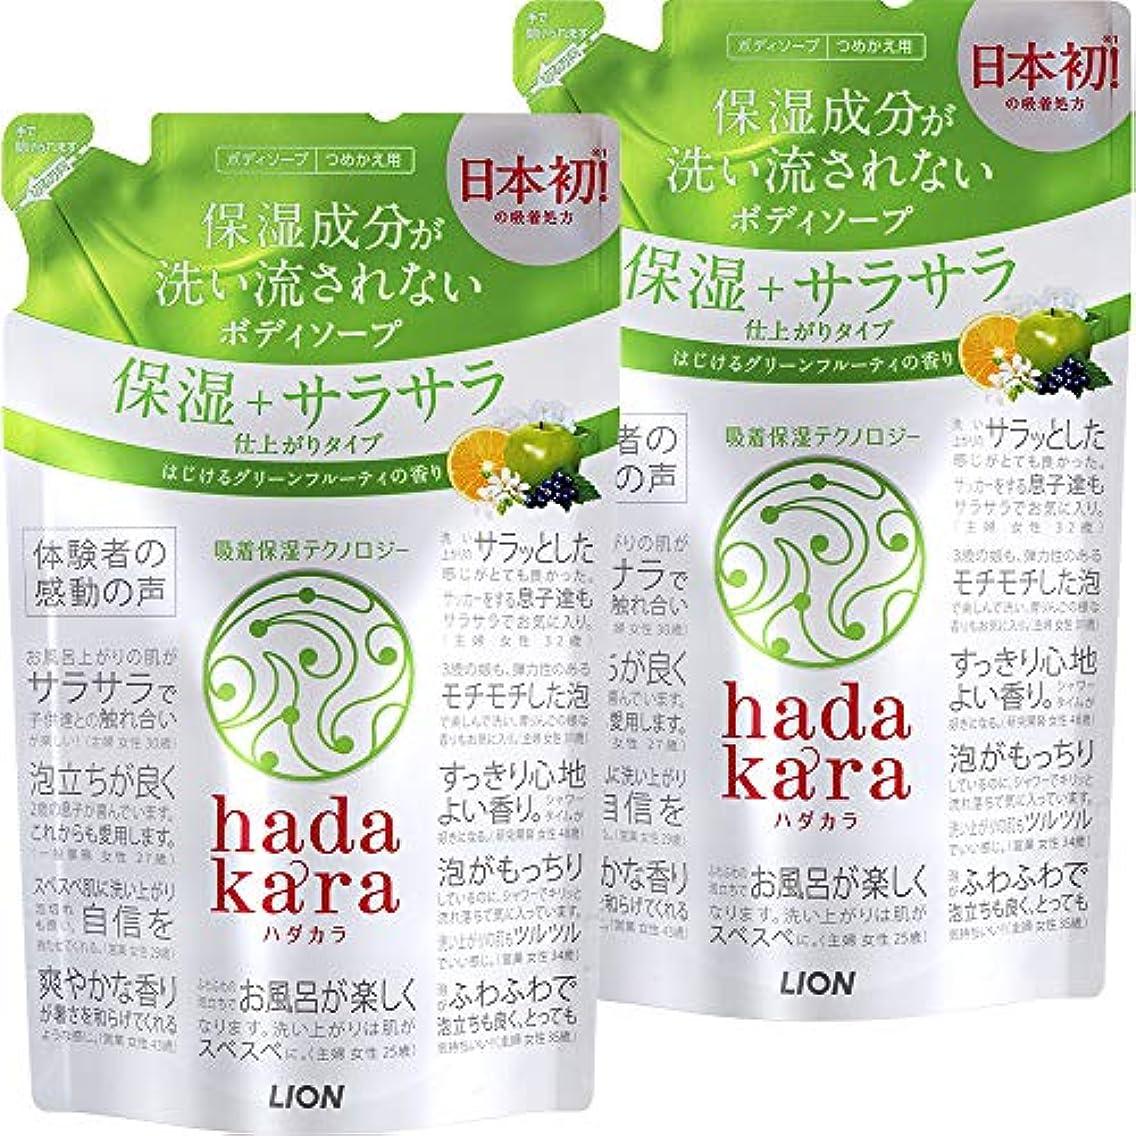 明るくする組立隠【まとめ買い】hadakara(ハダカラ) ボディソープ 保湿+サラサラ仕上がりタイプ グリーンフルーティの香り 詰め替え 340ml×2個パック